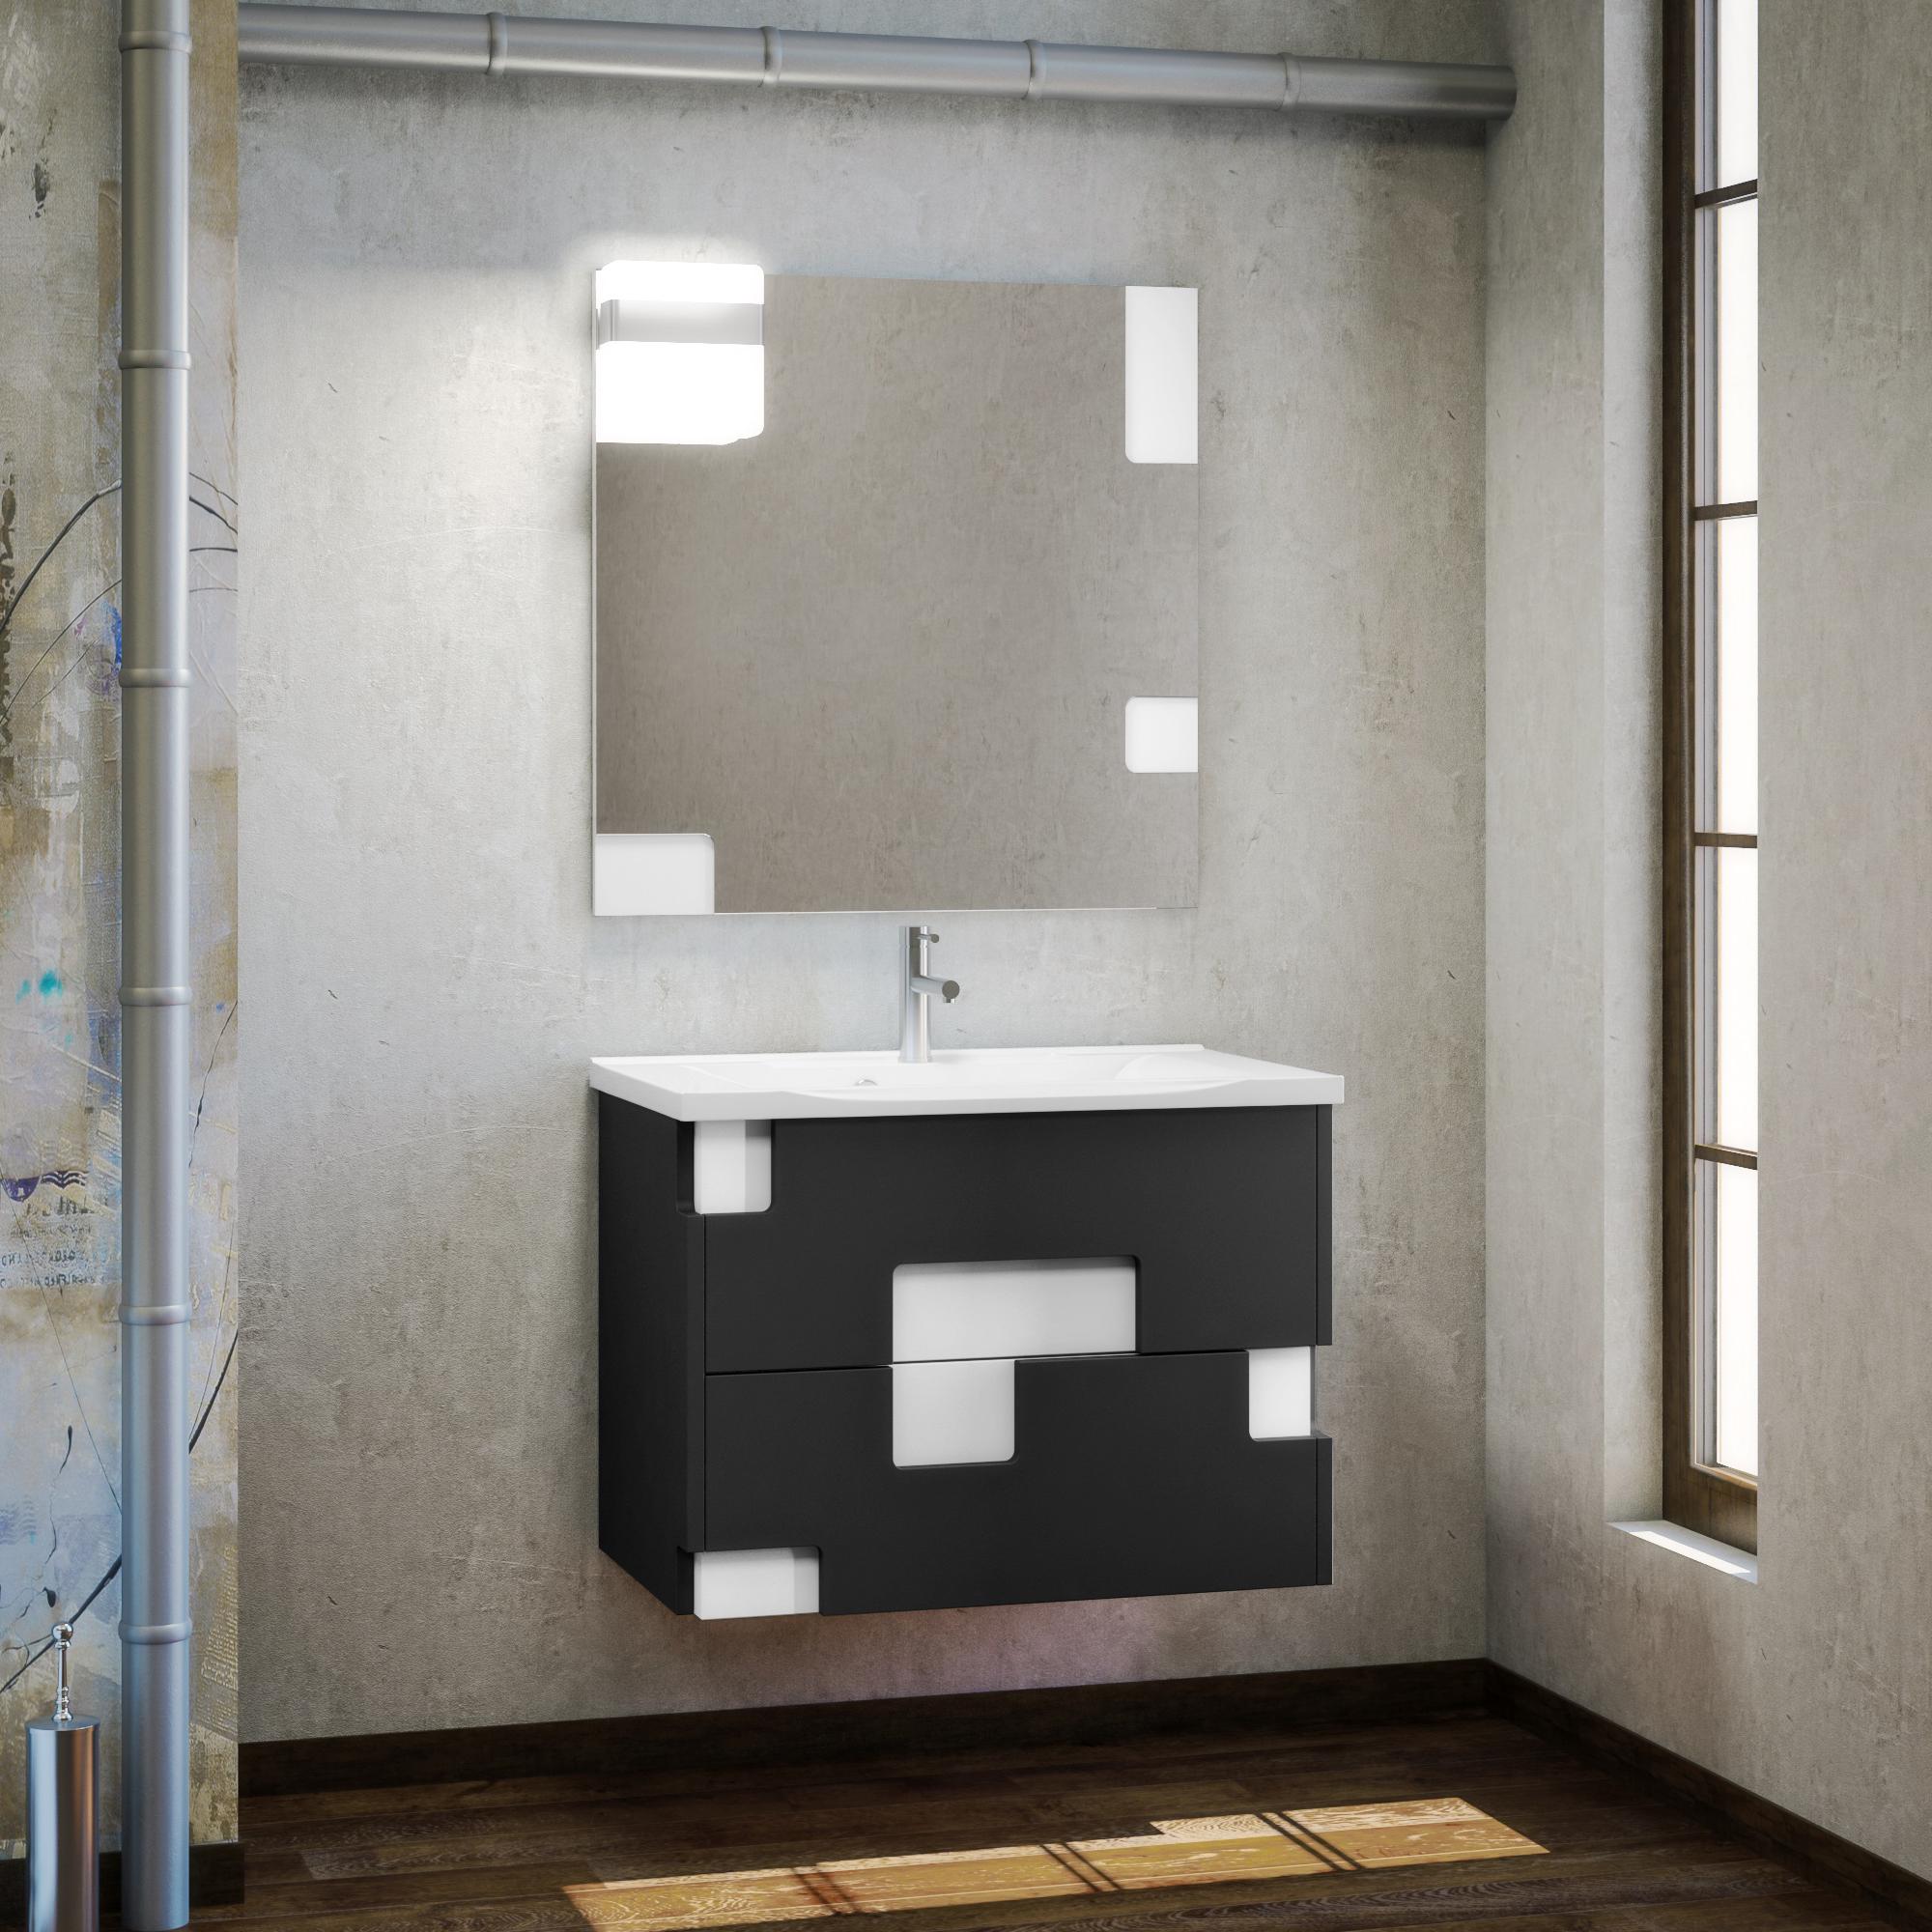 Комплект мебели Smile Санторини 80 белый/серый линейные направляющие sfu1605 450 bk bf12 1set 2set hiwin hgr20 800 hiwin hgr20 400mm 8 hgh20